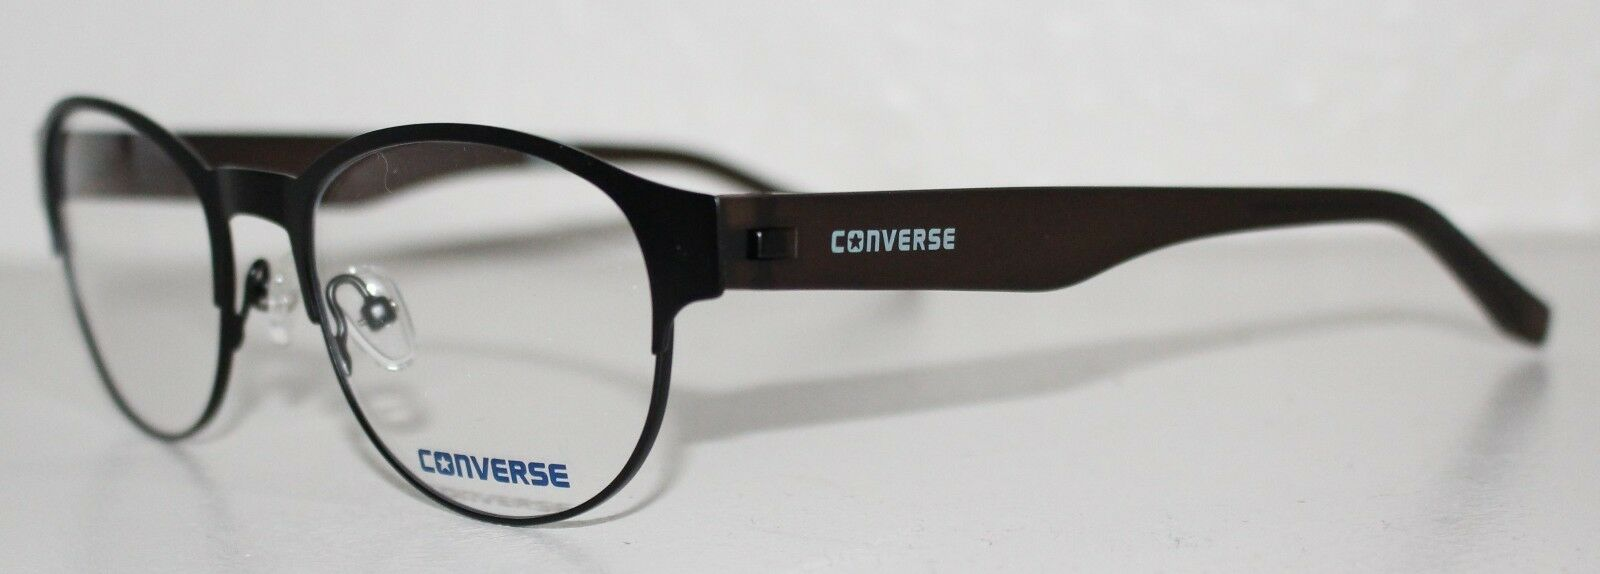 Converse Mens RX Eyeglasses - Q030 - Black   eBay 6bdf4b2276